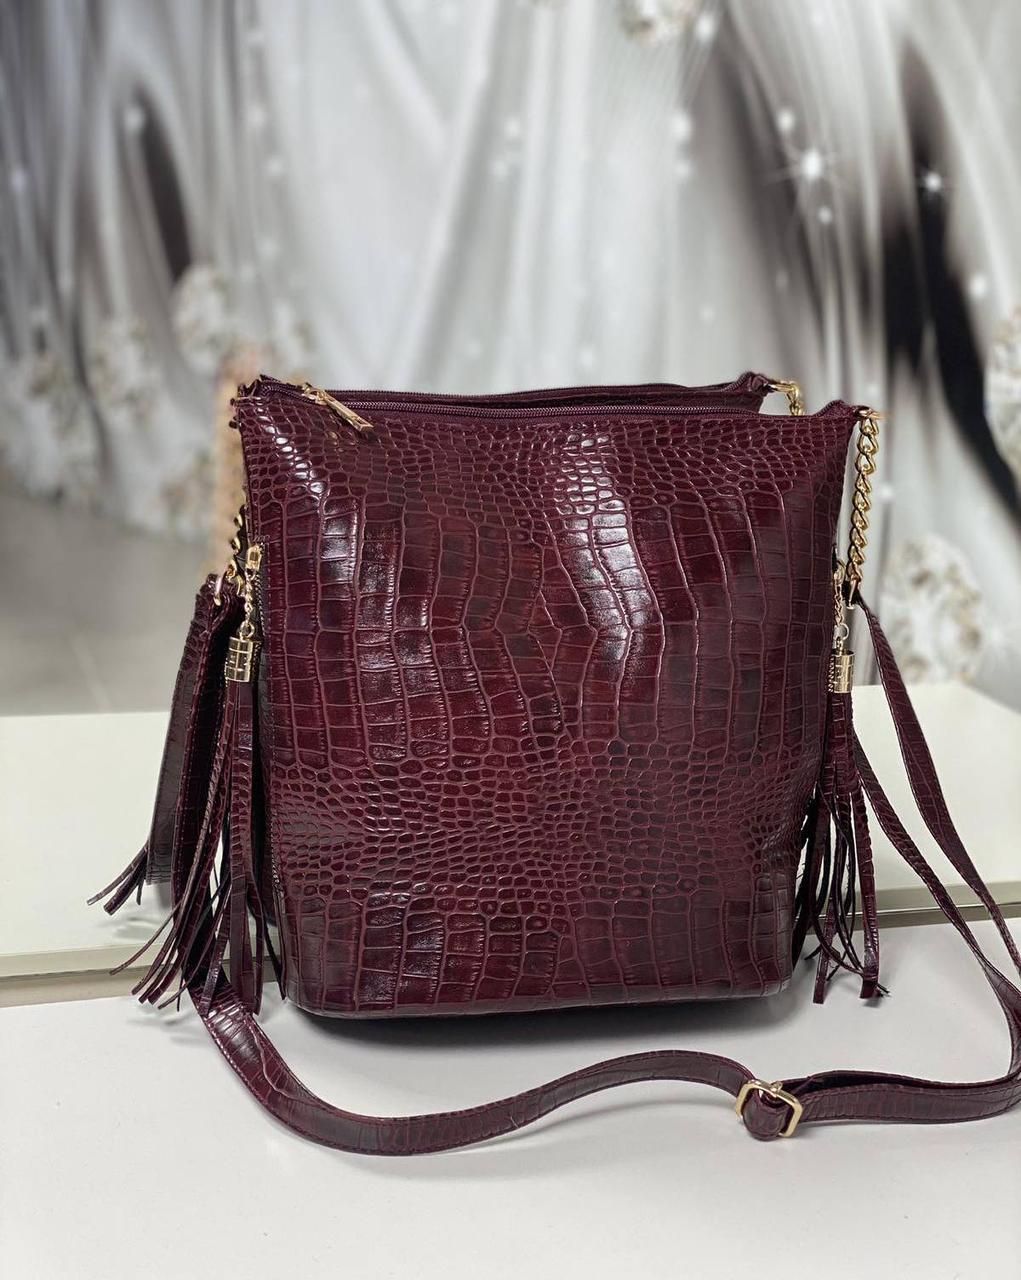 Женская сумка мешок на плечо вместительная бордовая модная с кисточками под рептилию экокожа